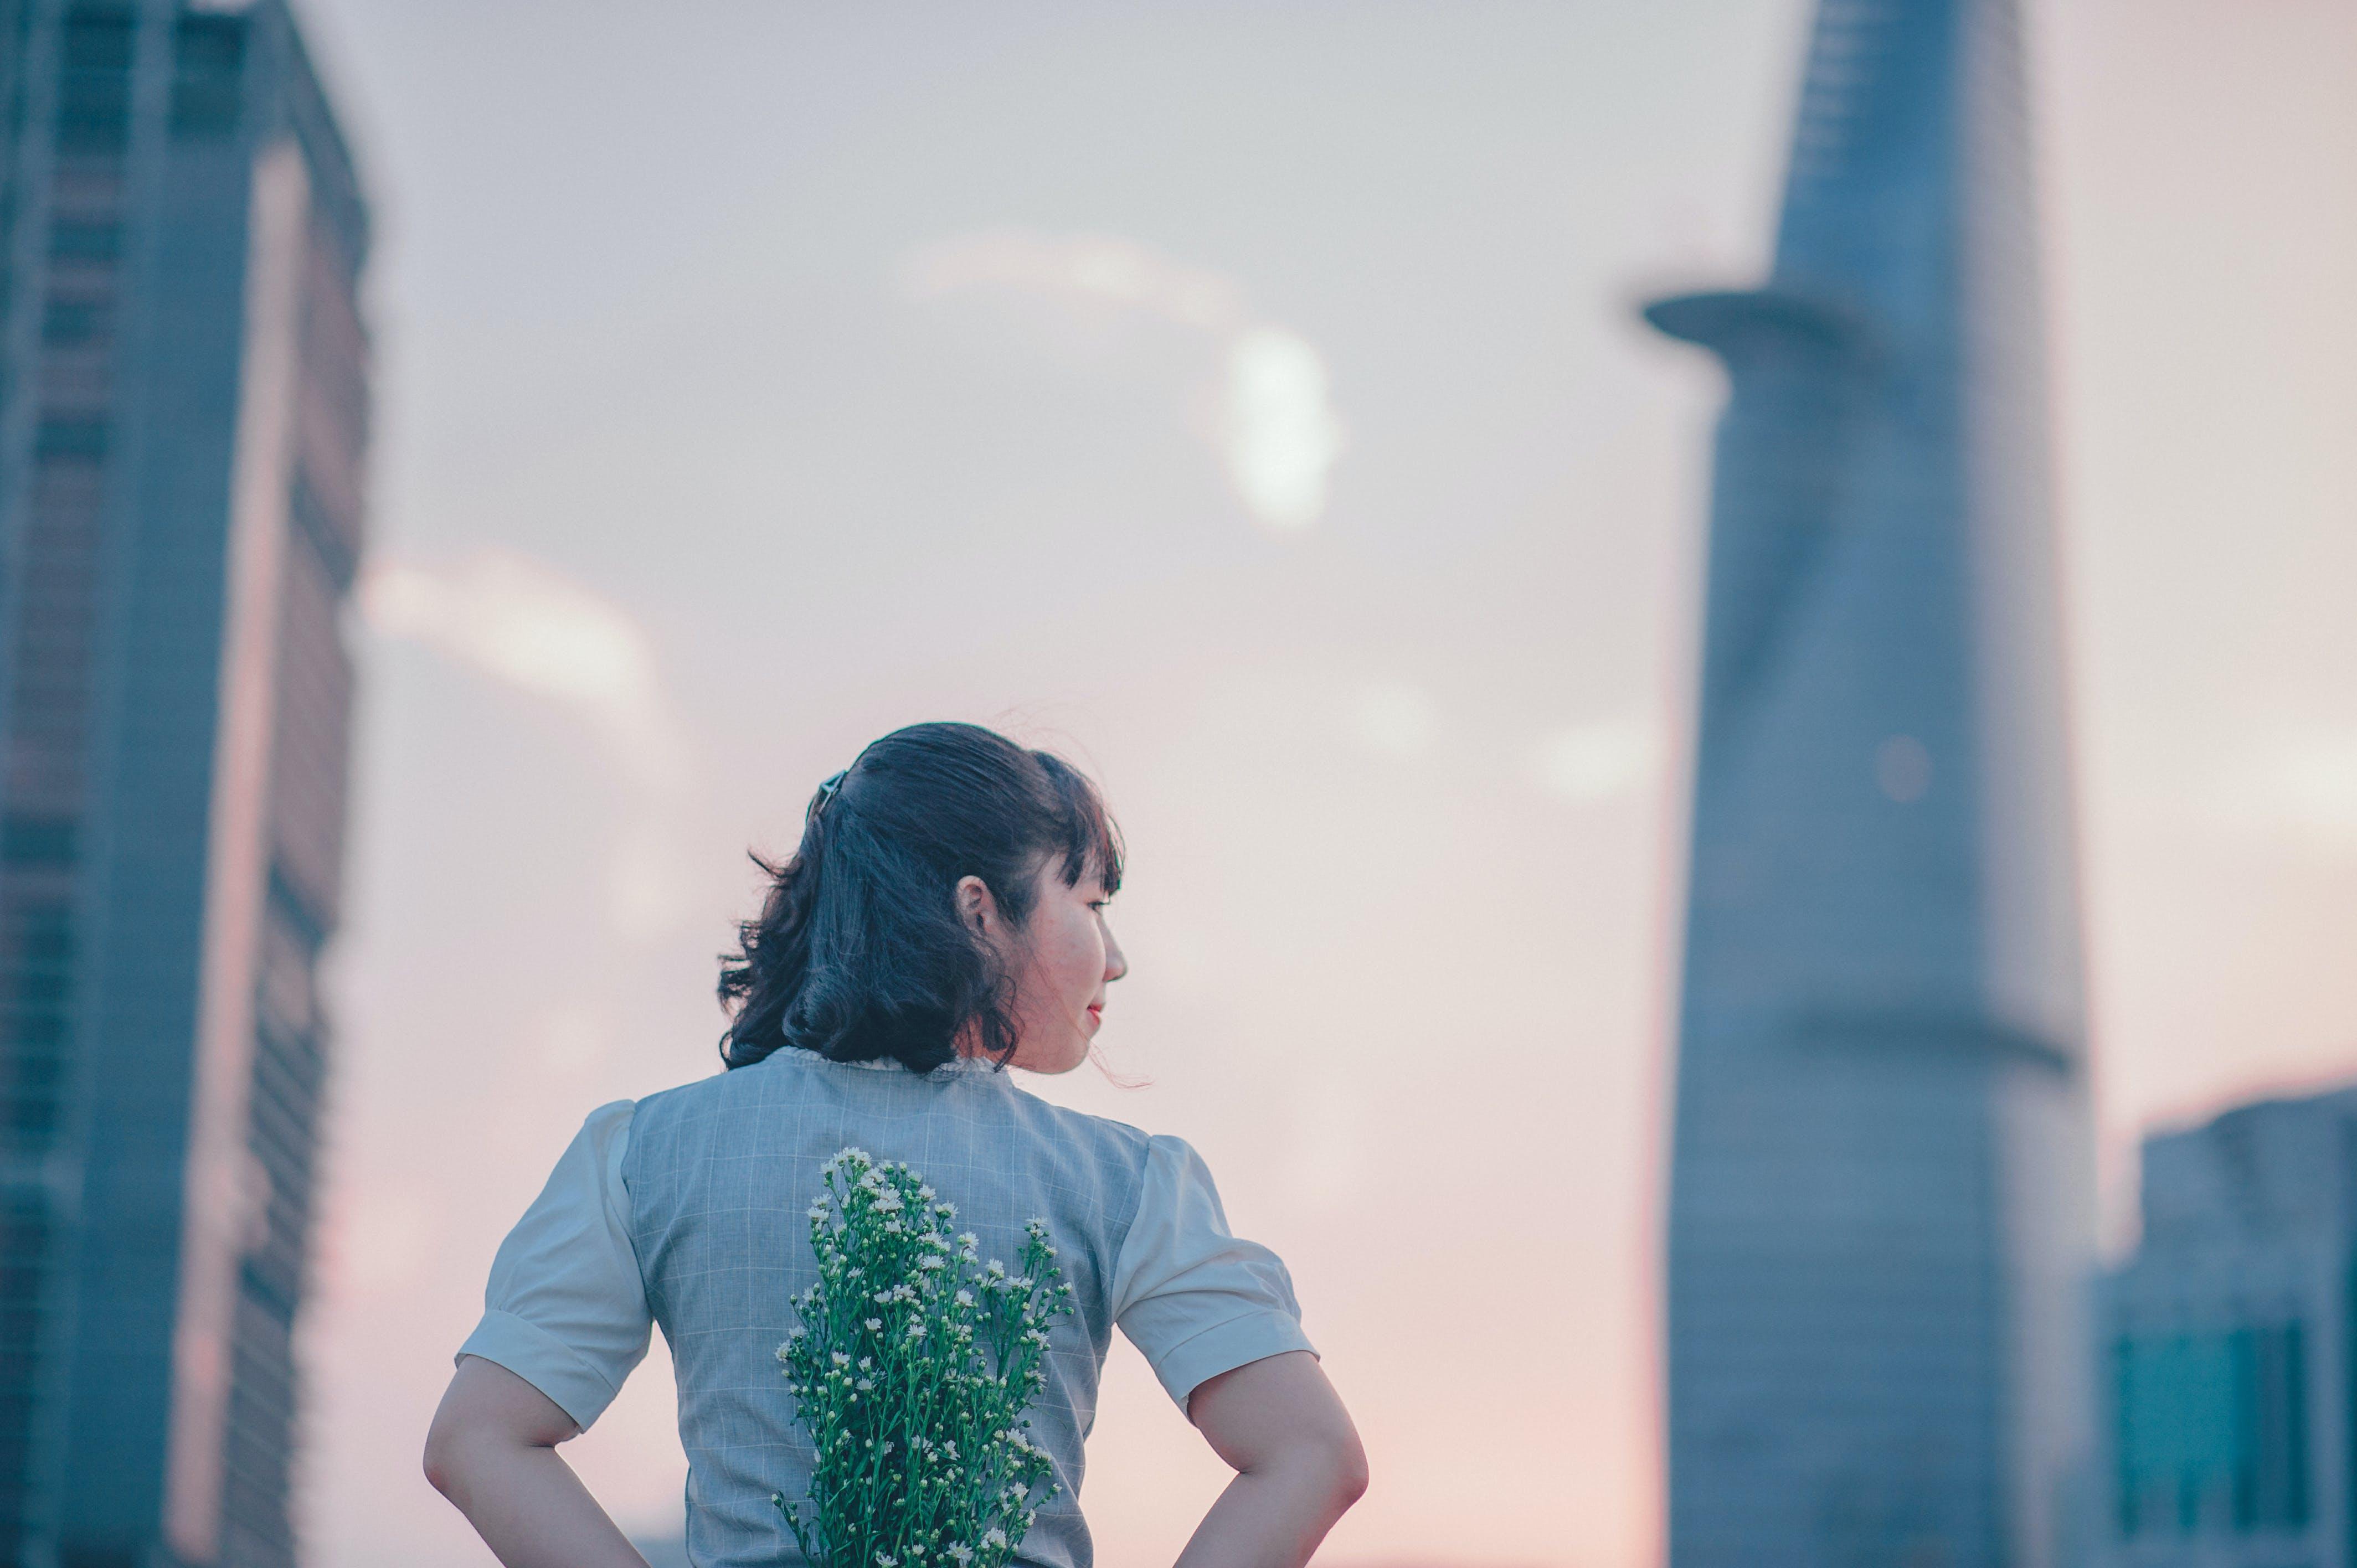 Gratis lagerfoto af blomster, bygning, dame, dybde